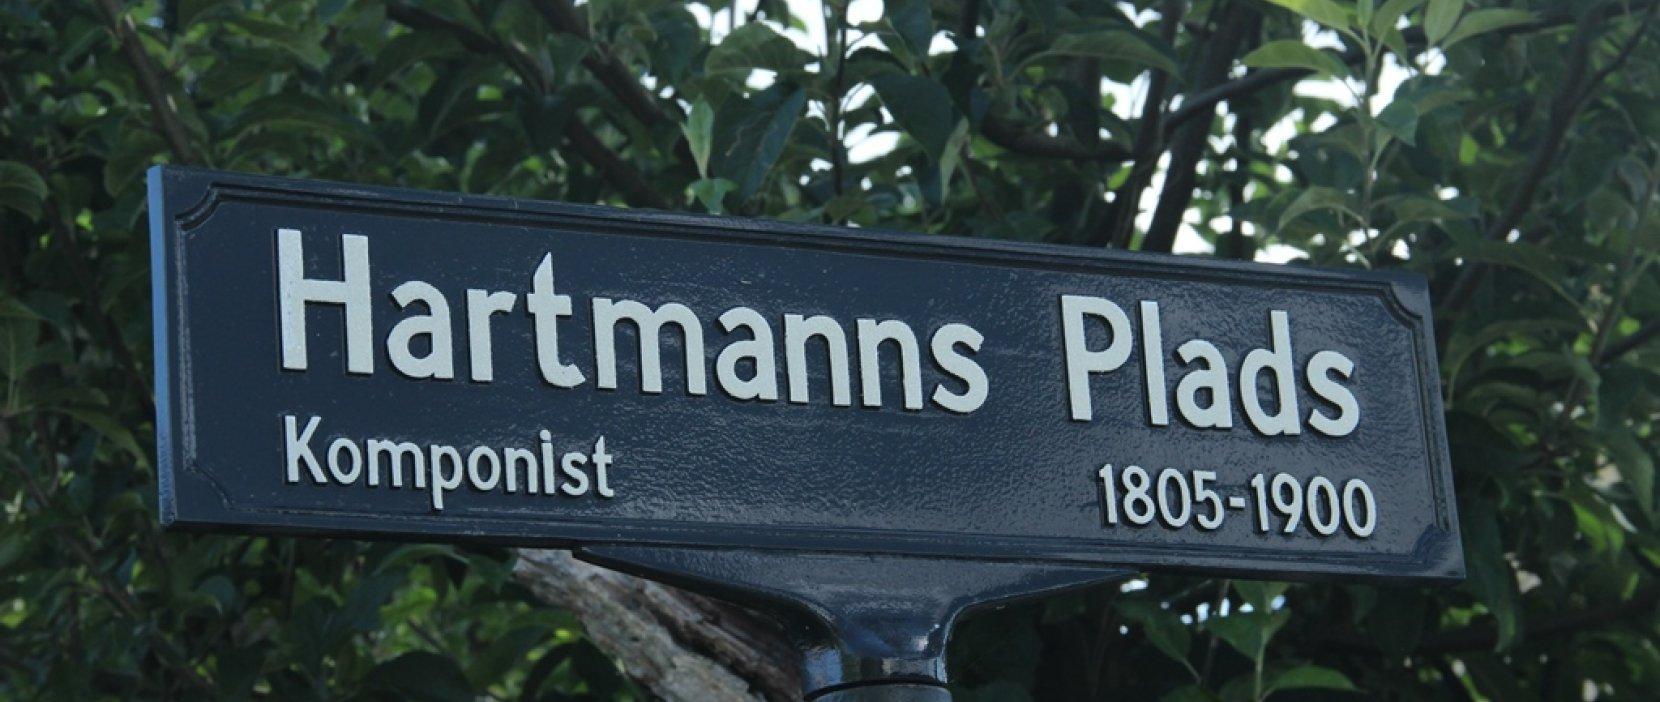 skilt med Hartmanns Plads